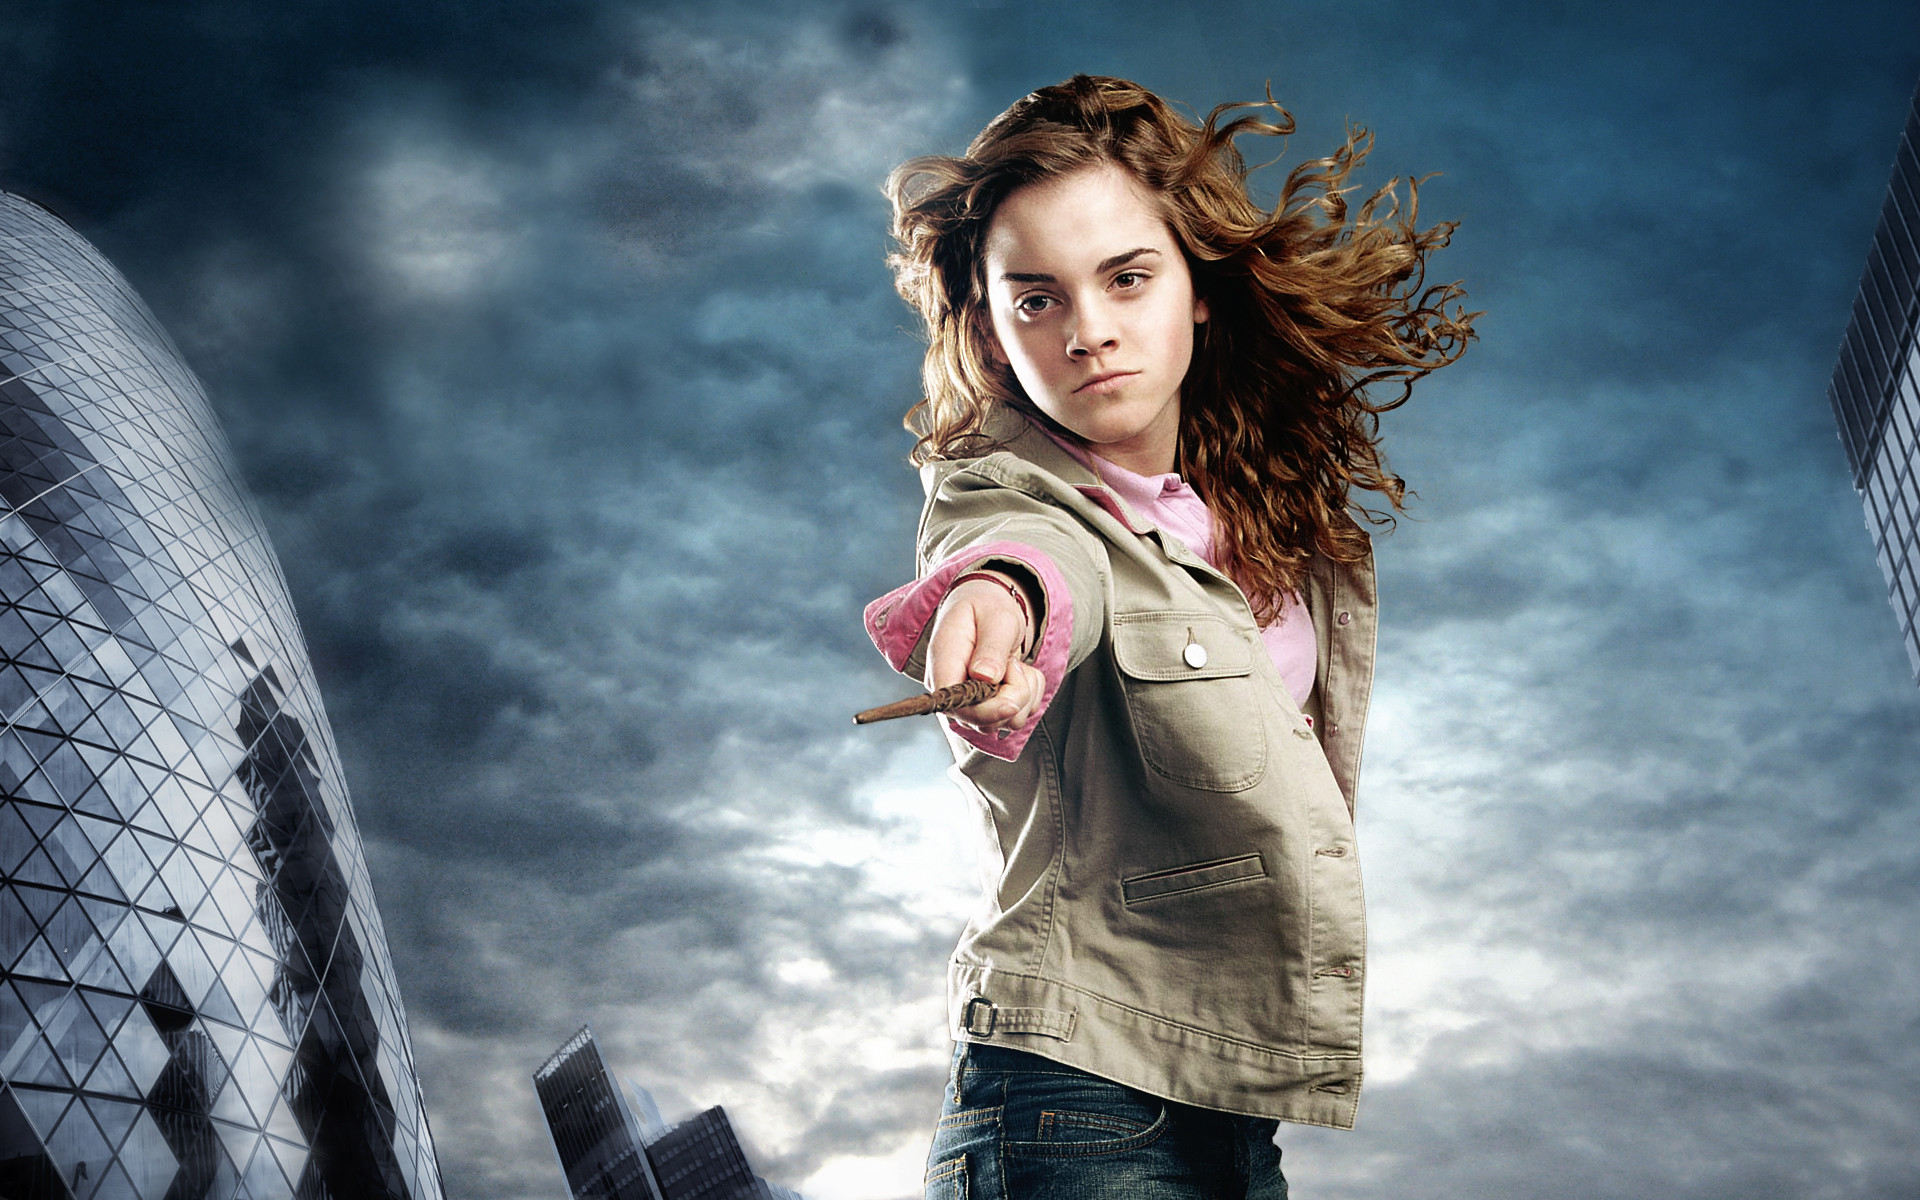 Find out: Emma Watson Legs wallpaper on https://hdpicorner.com/emma-watson-legs/    Desktop Wallpapers   Pinterest   Emma watson legs and Legs